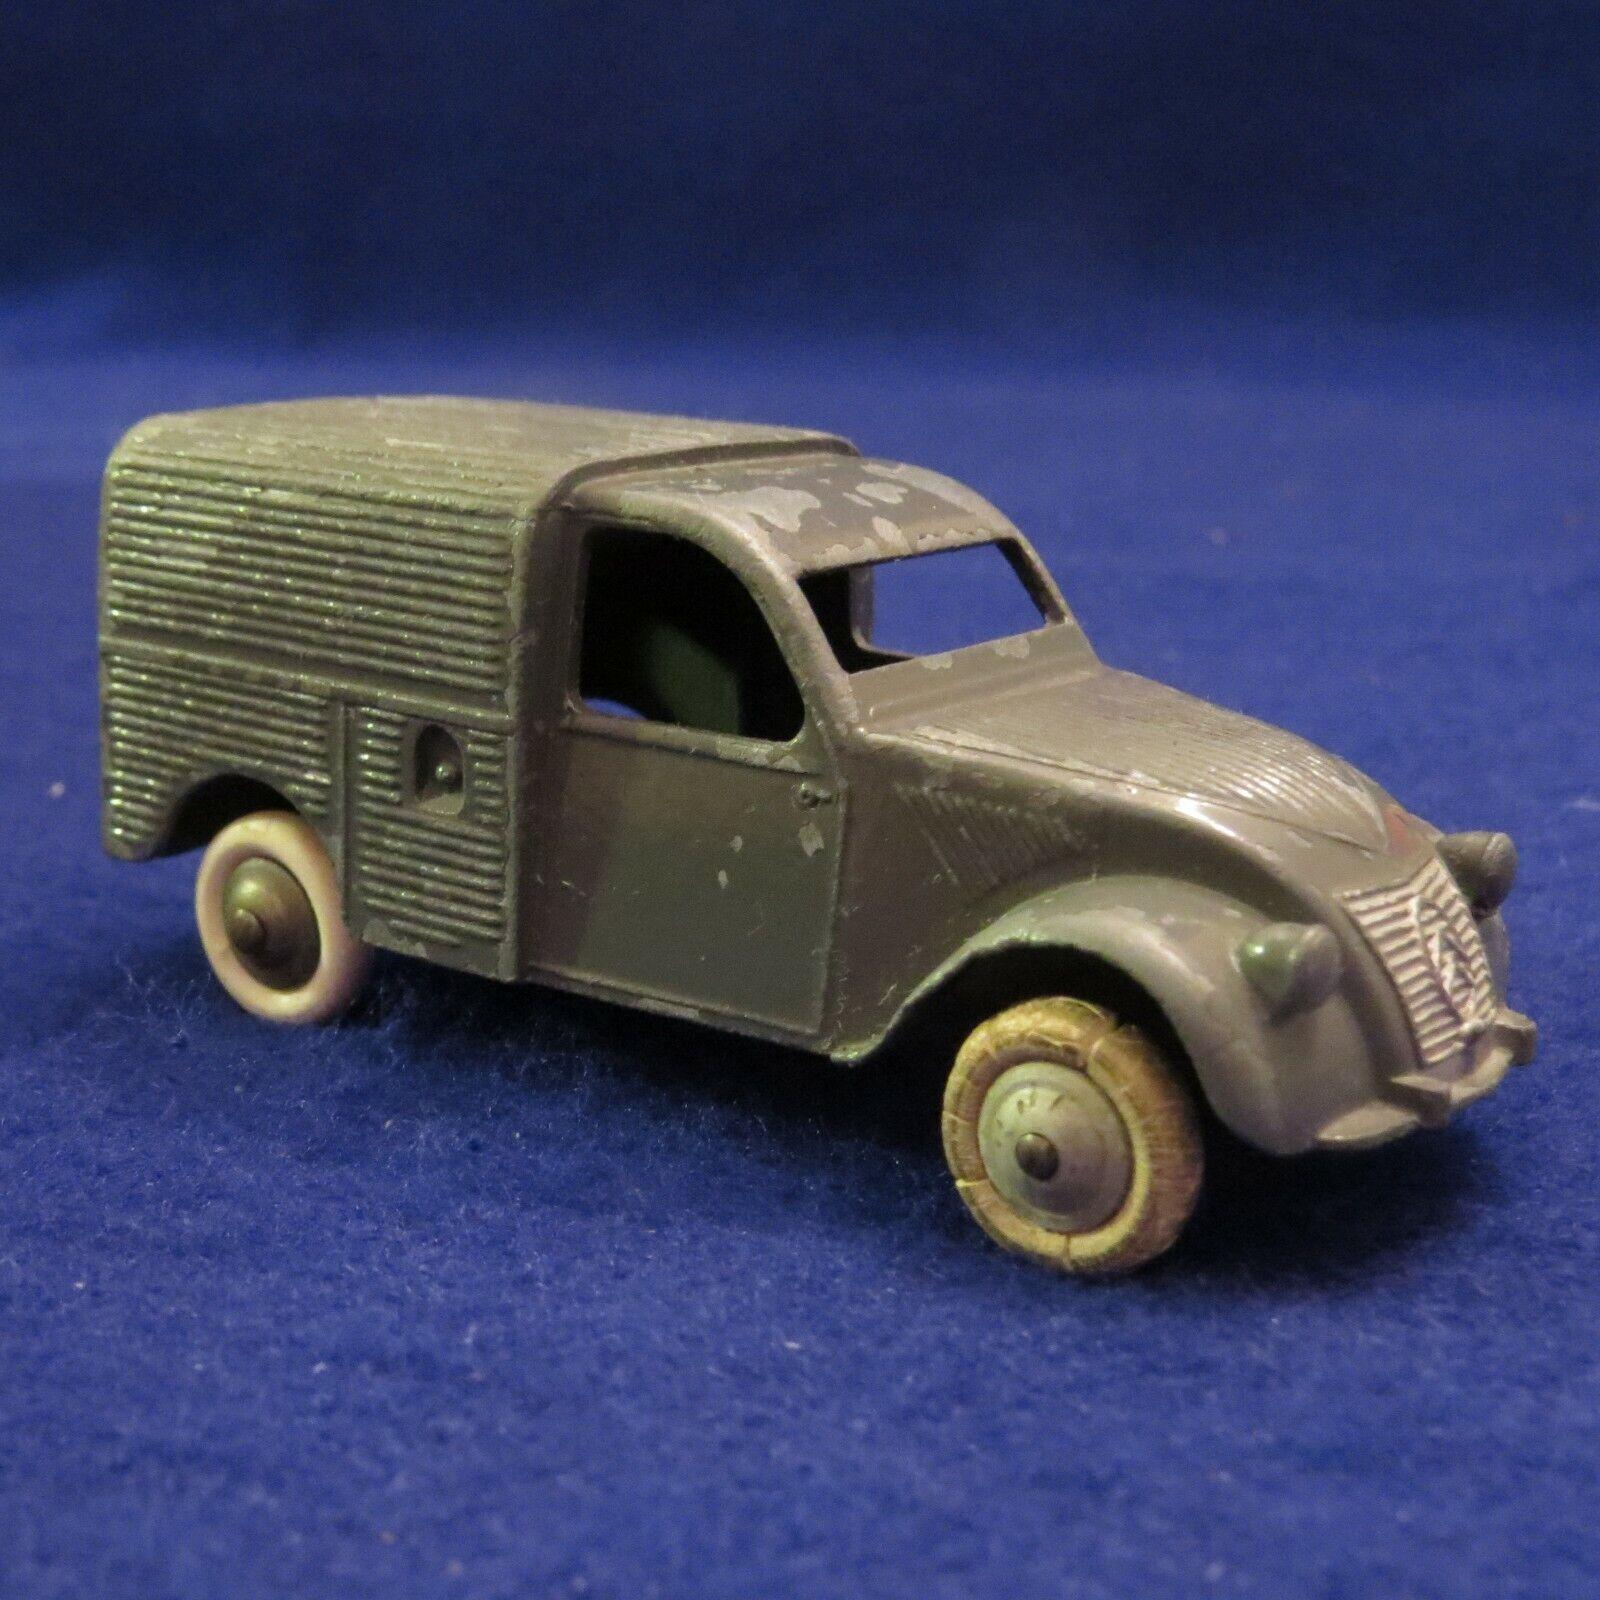 Miniature JRD FRANCE CITROEN 2CV  Van 1 43 - SEE PICS